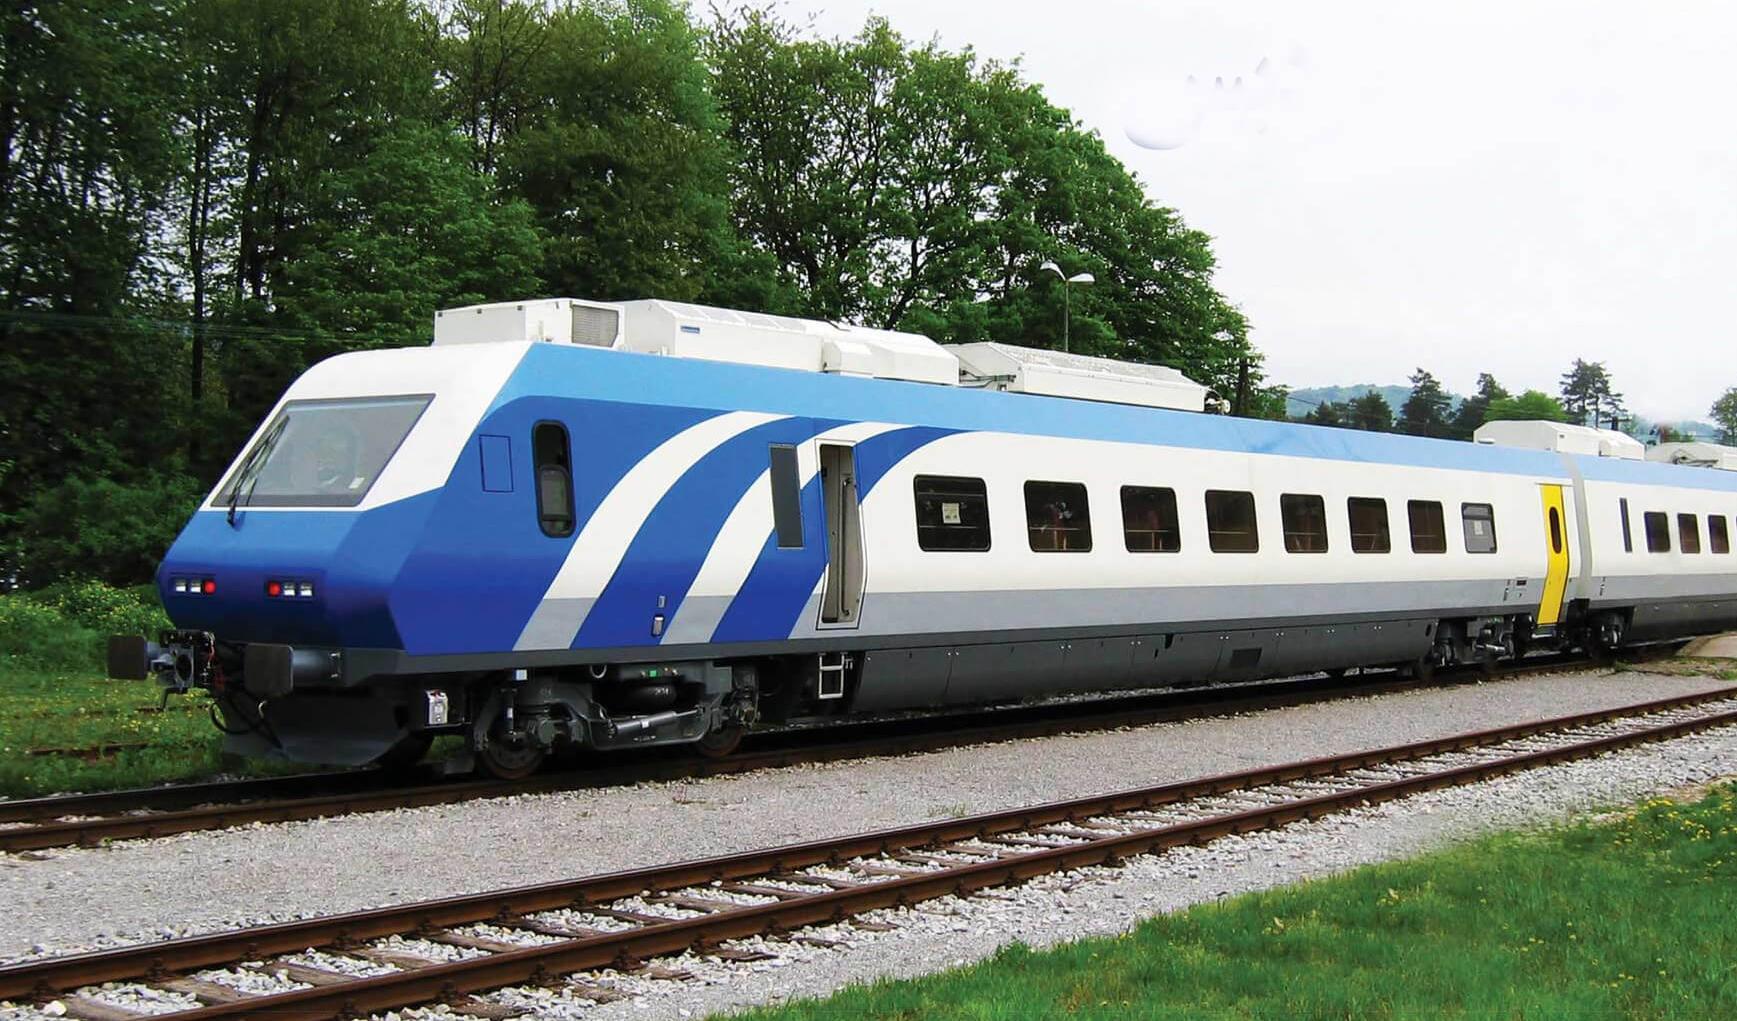 افزایش متوسط۲۰ درصدی قیمت بلیت قطار از اول تیرماه